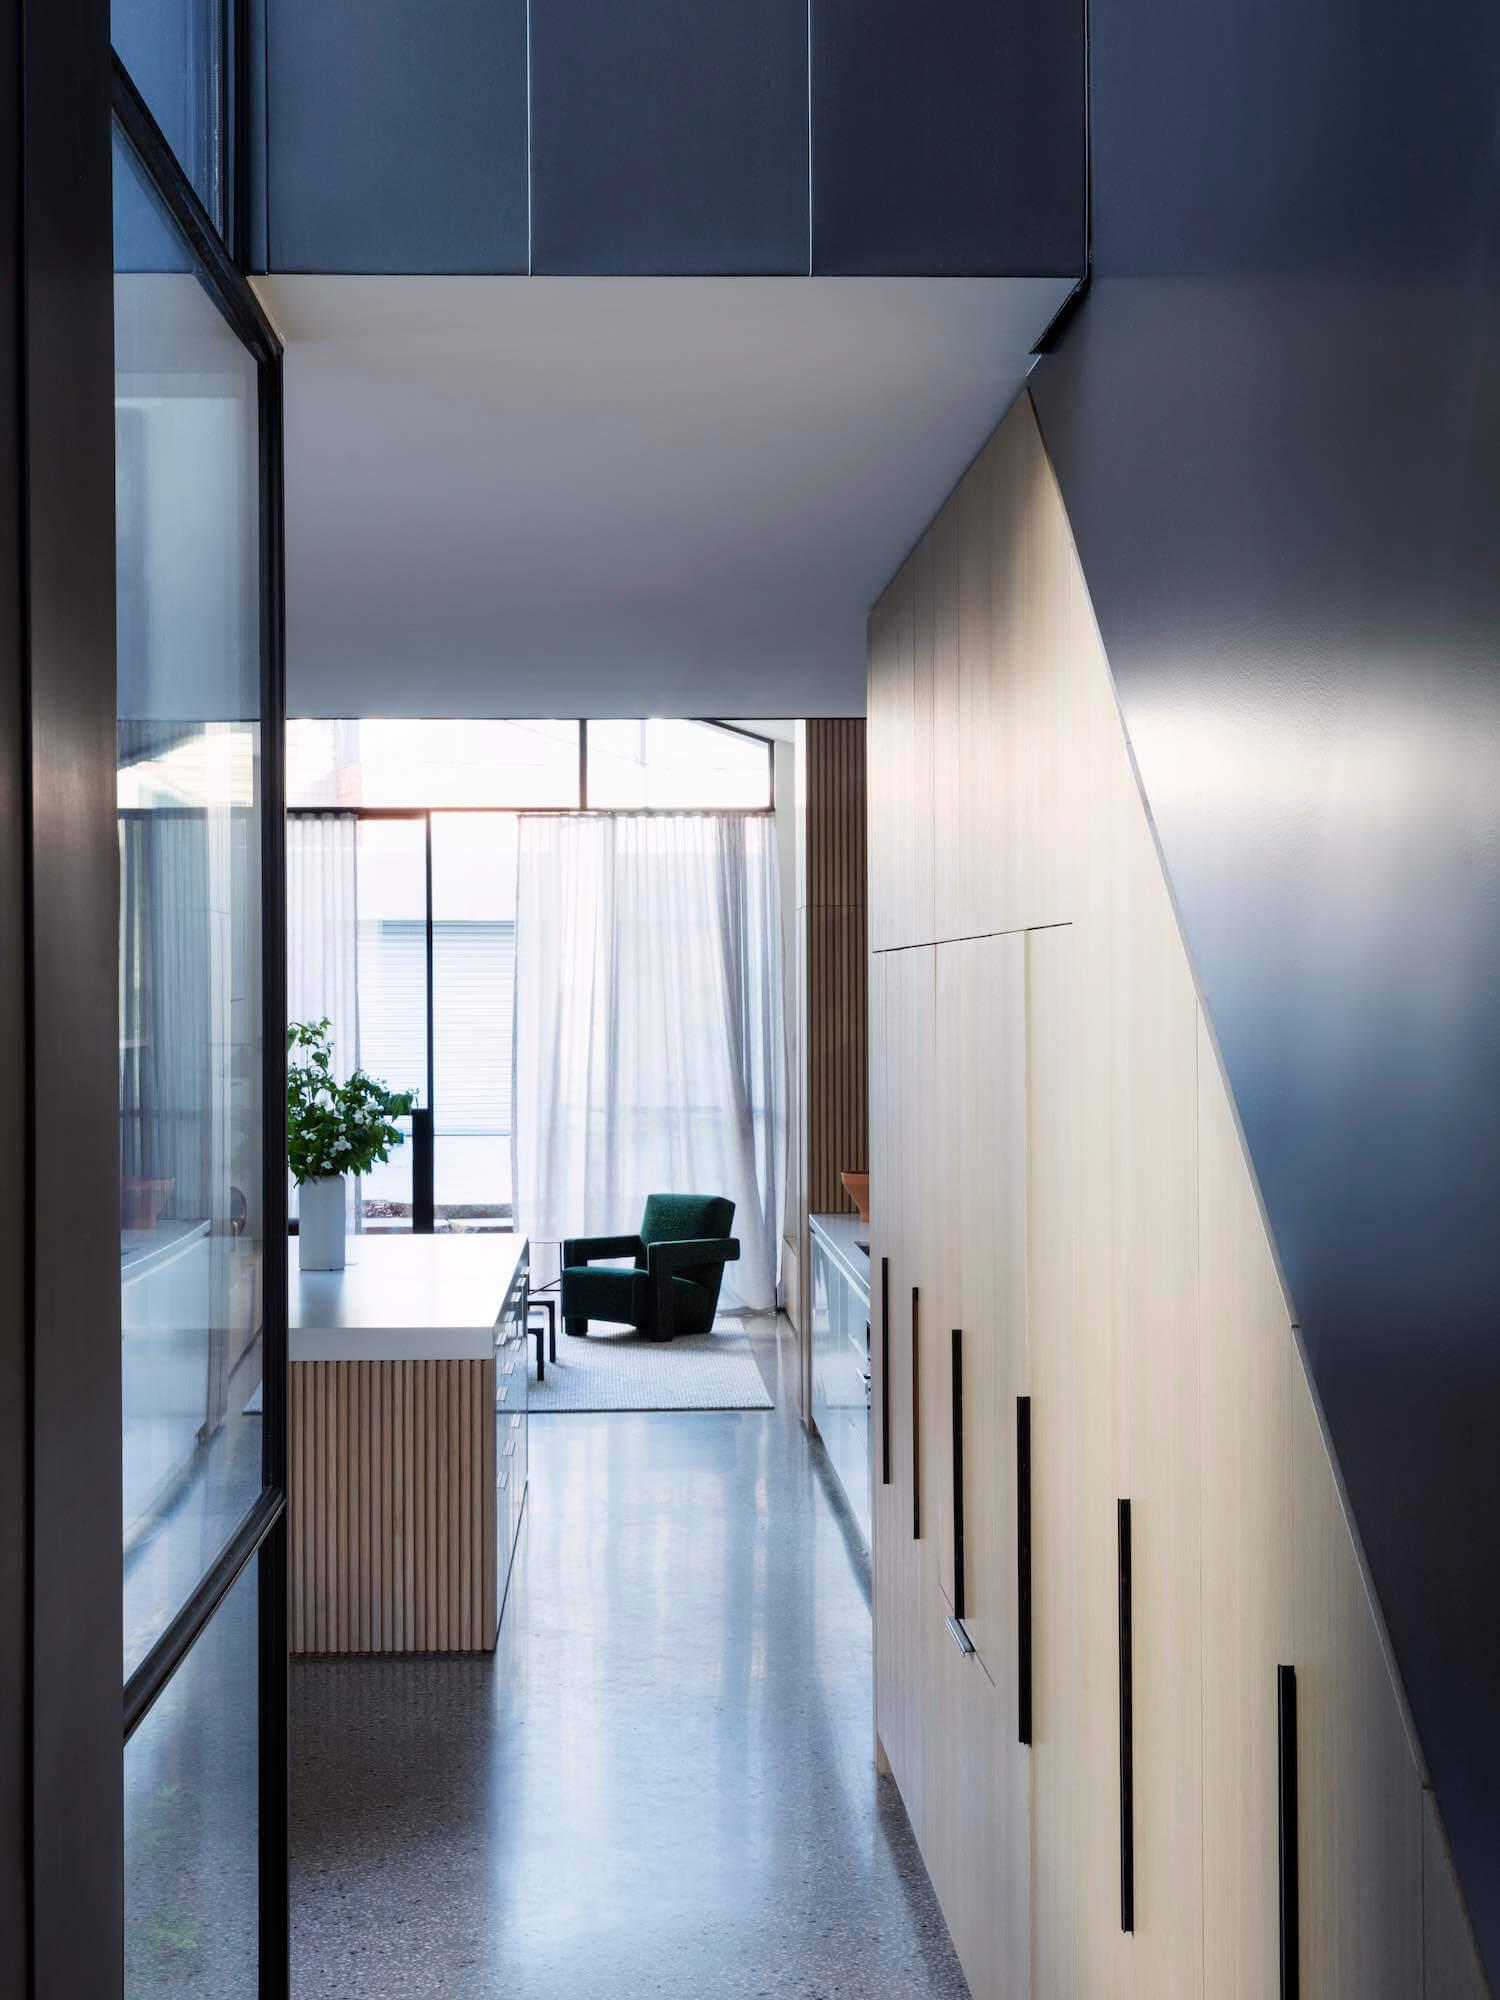 Est living port melbourne house pandolfini architects 11